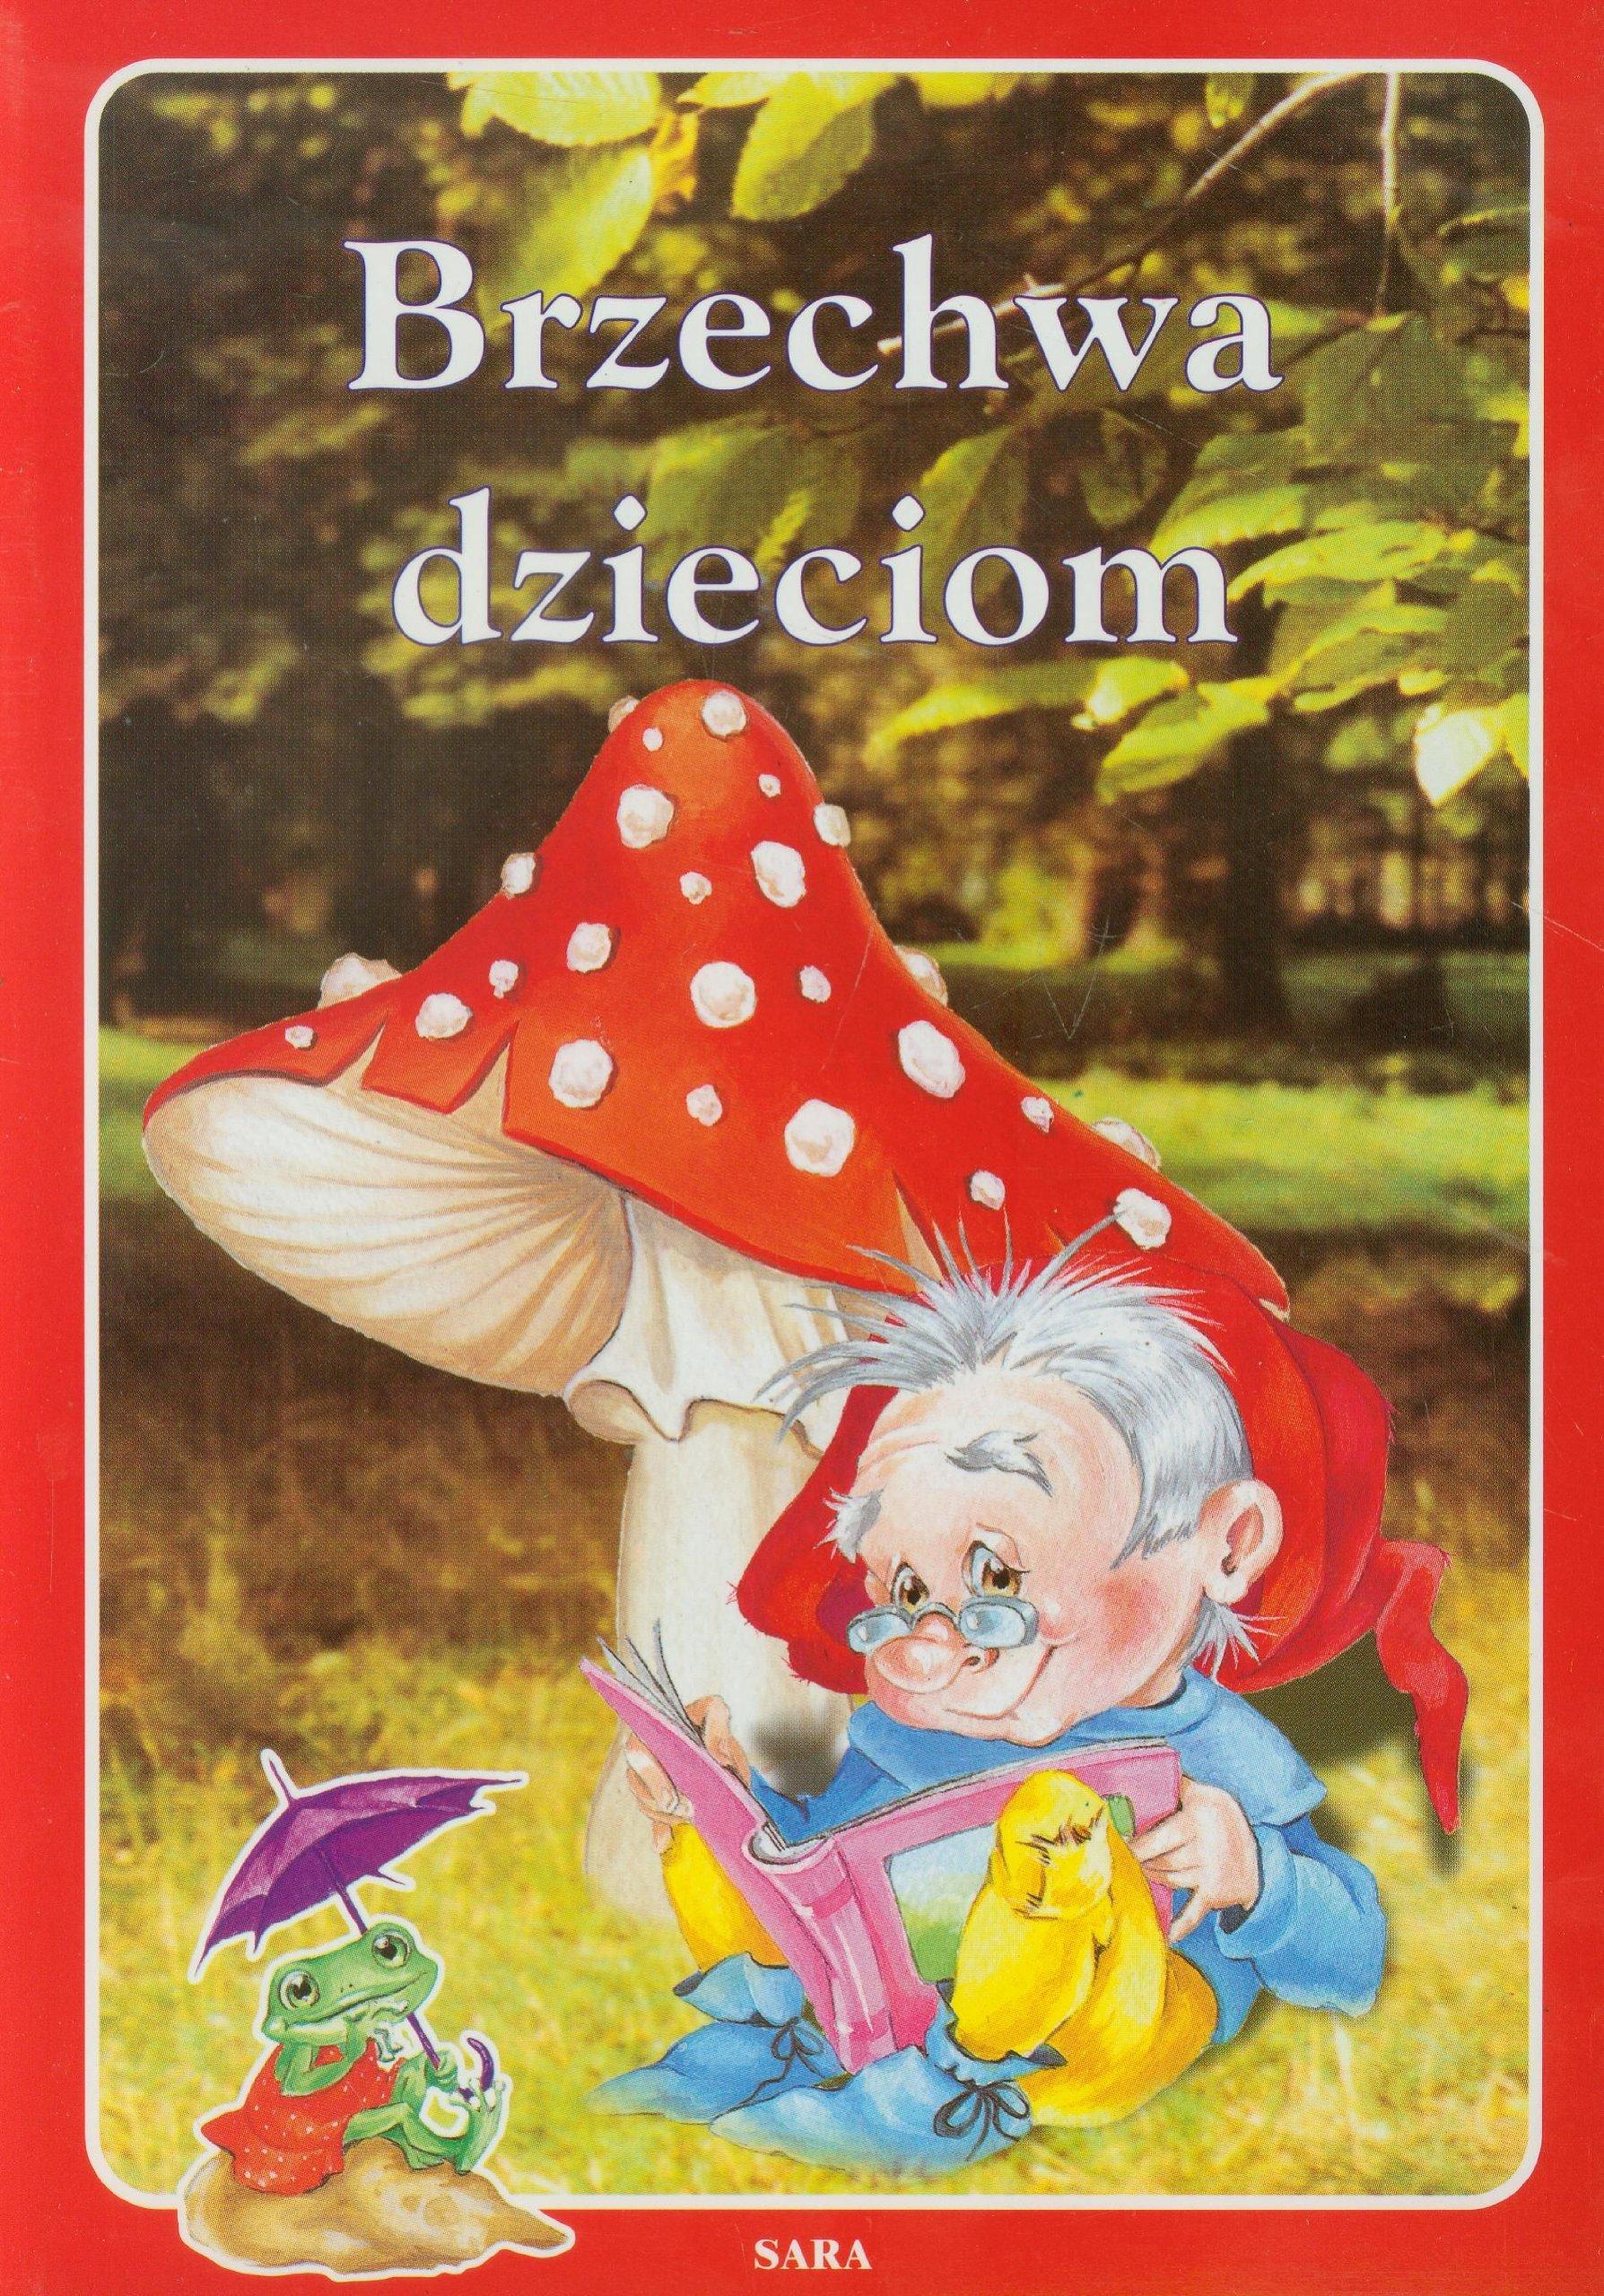 Brzechwa Dzieciom Jan Brzechwa 9788372970008 Amazoncom